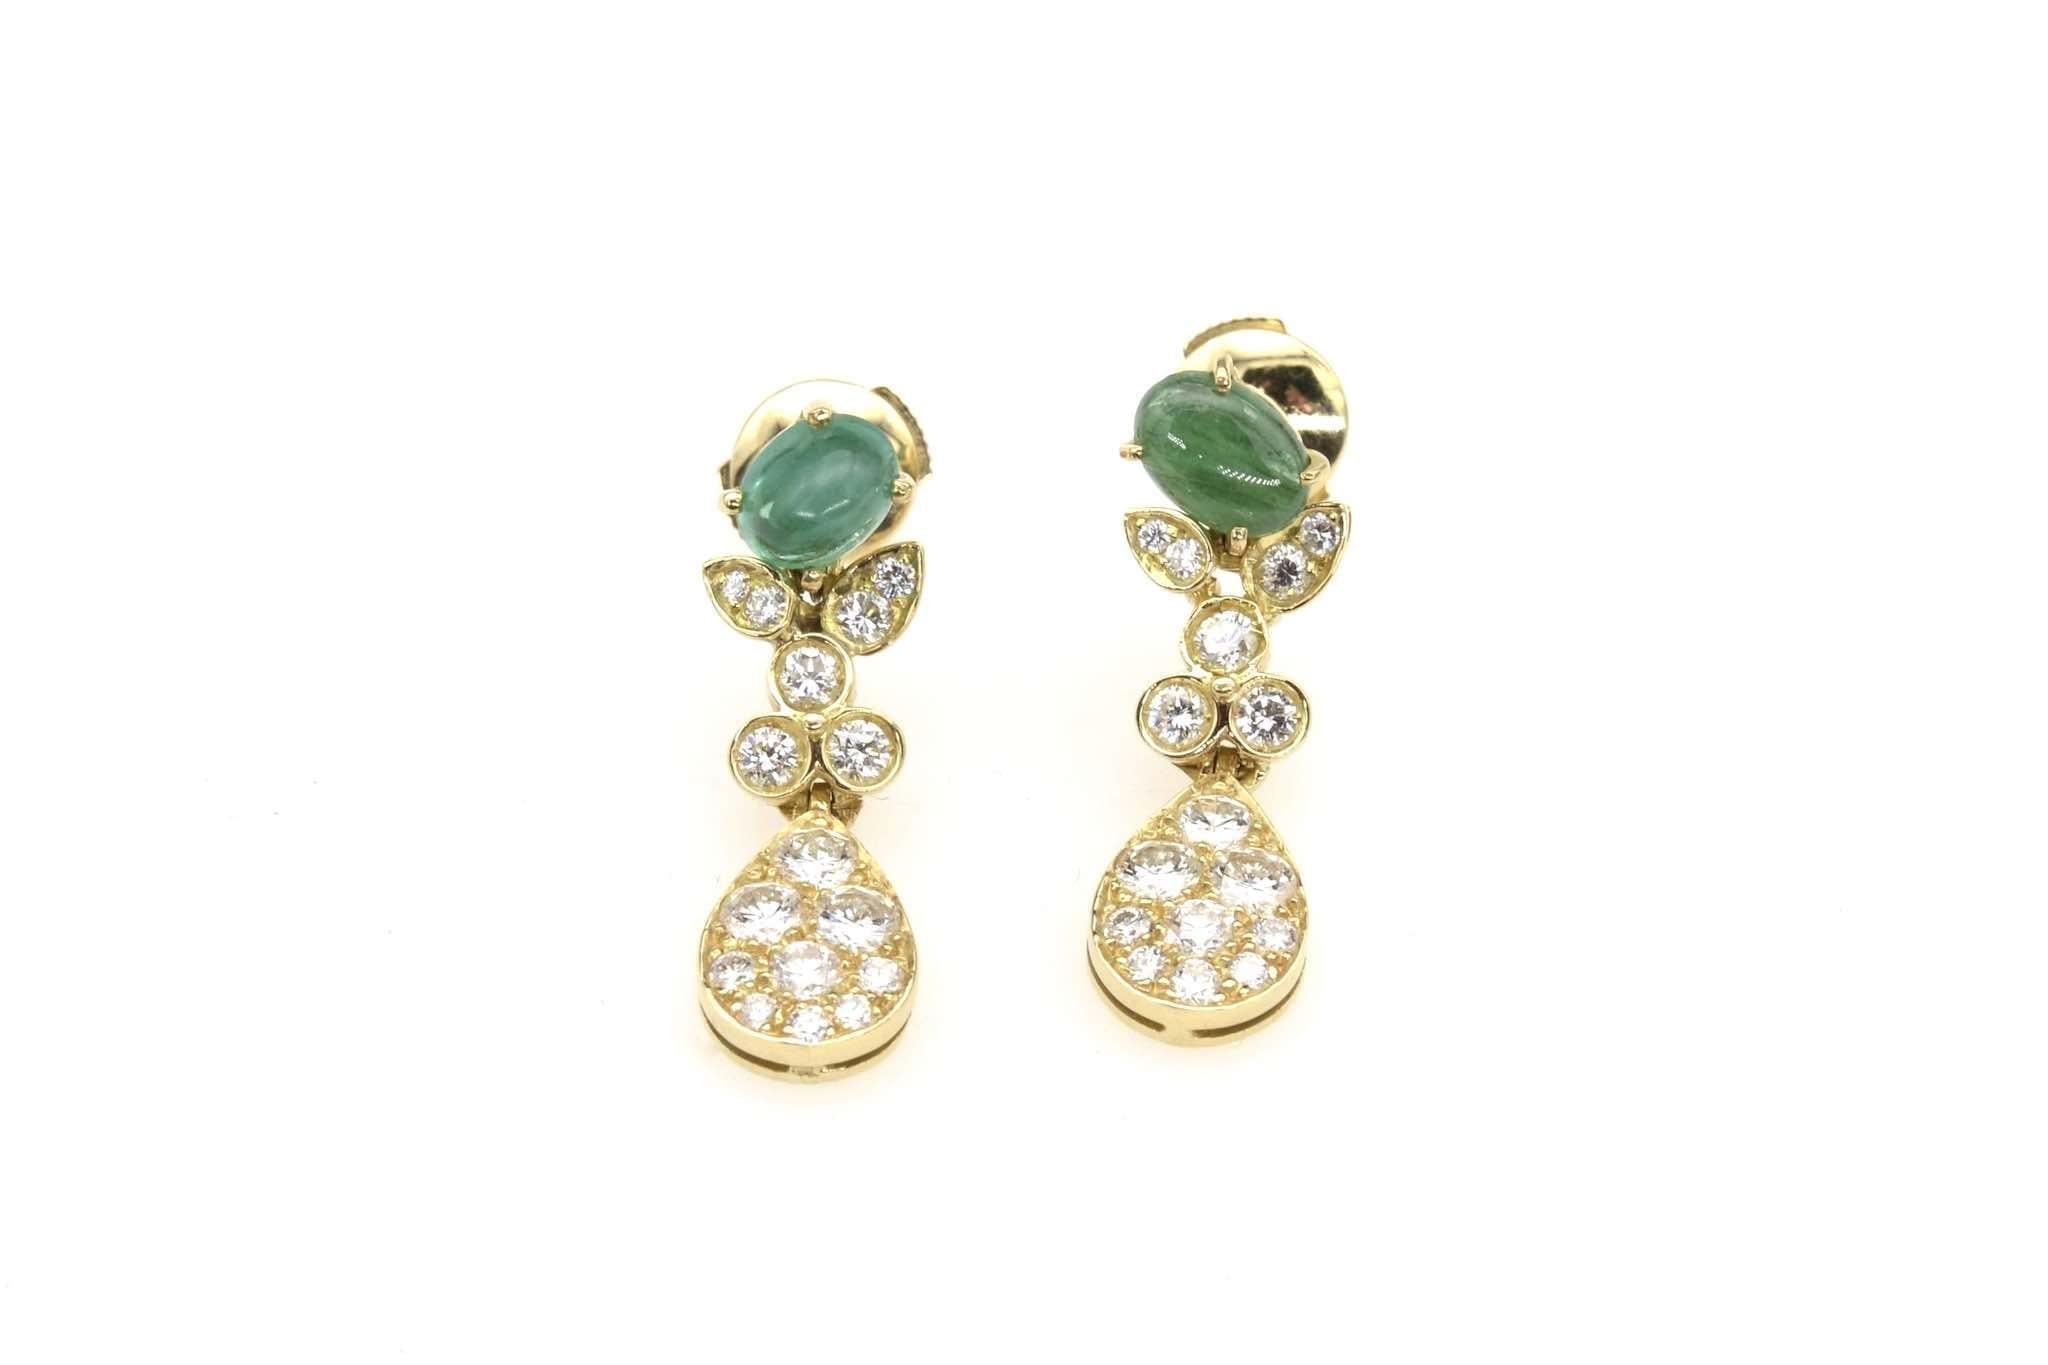 Boucles d'oreilles diamants, rubis et saphir